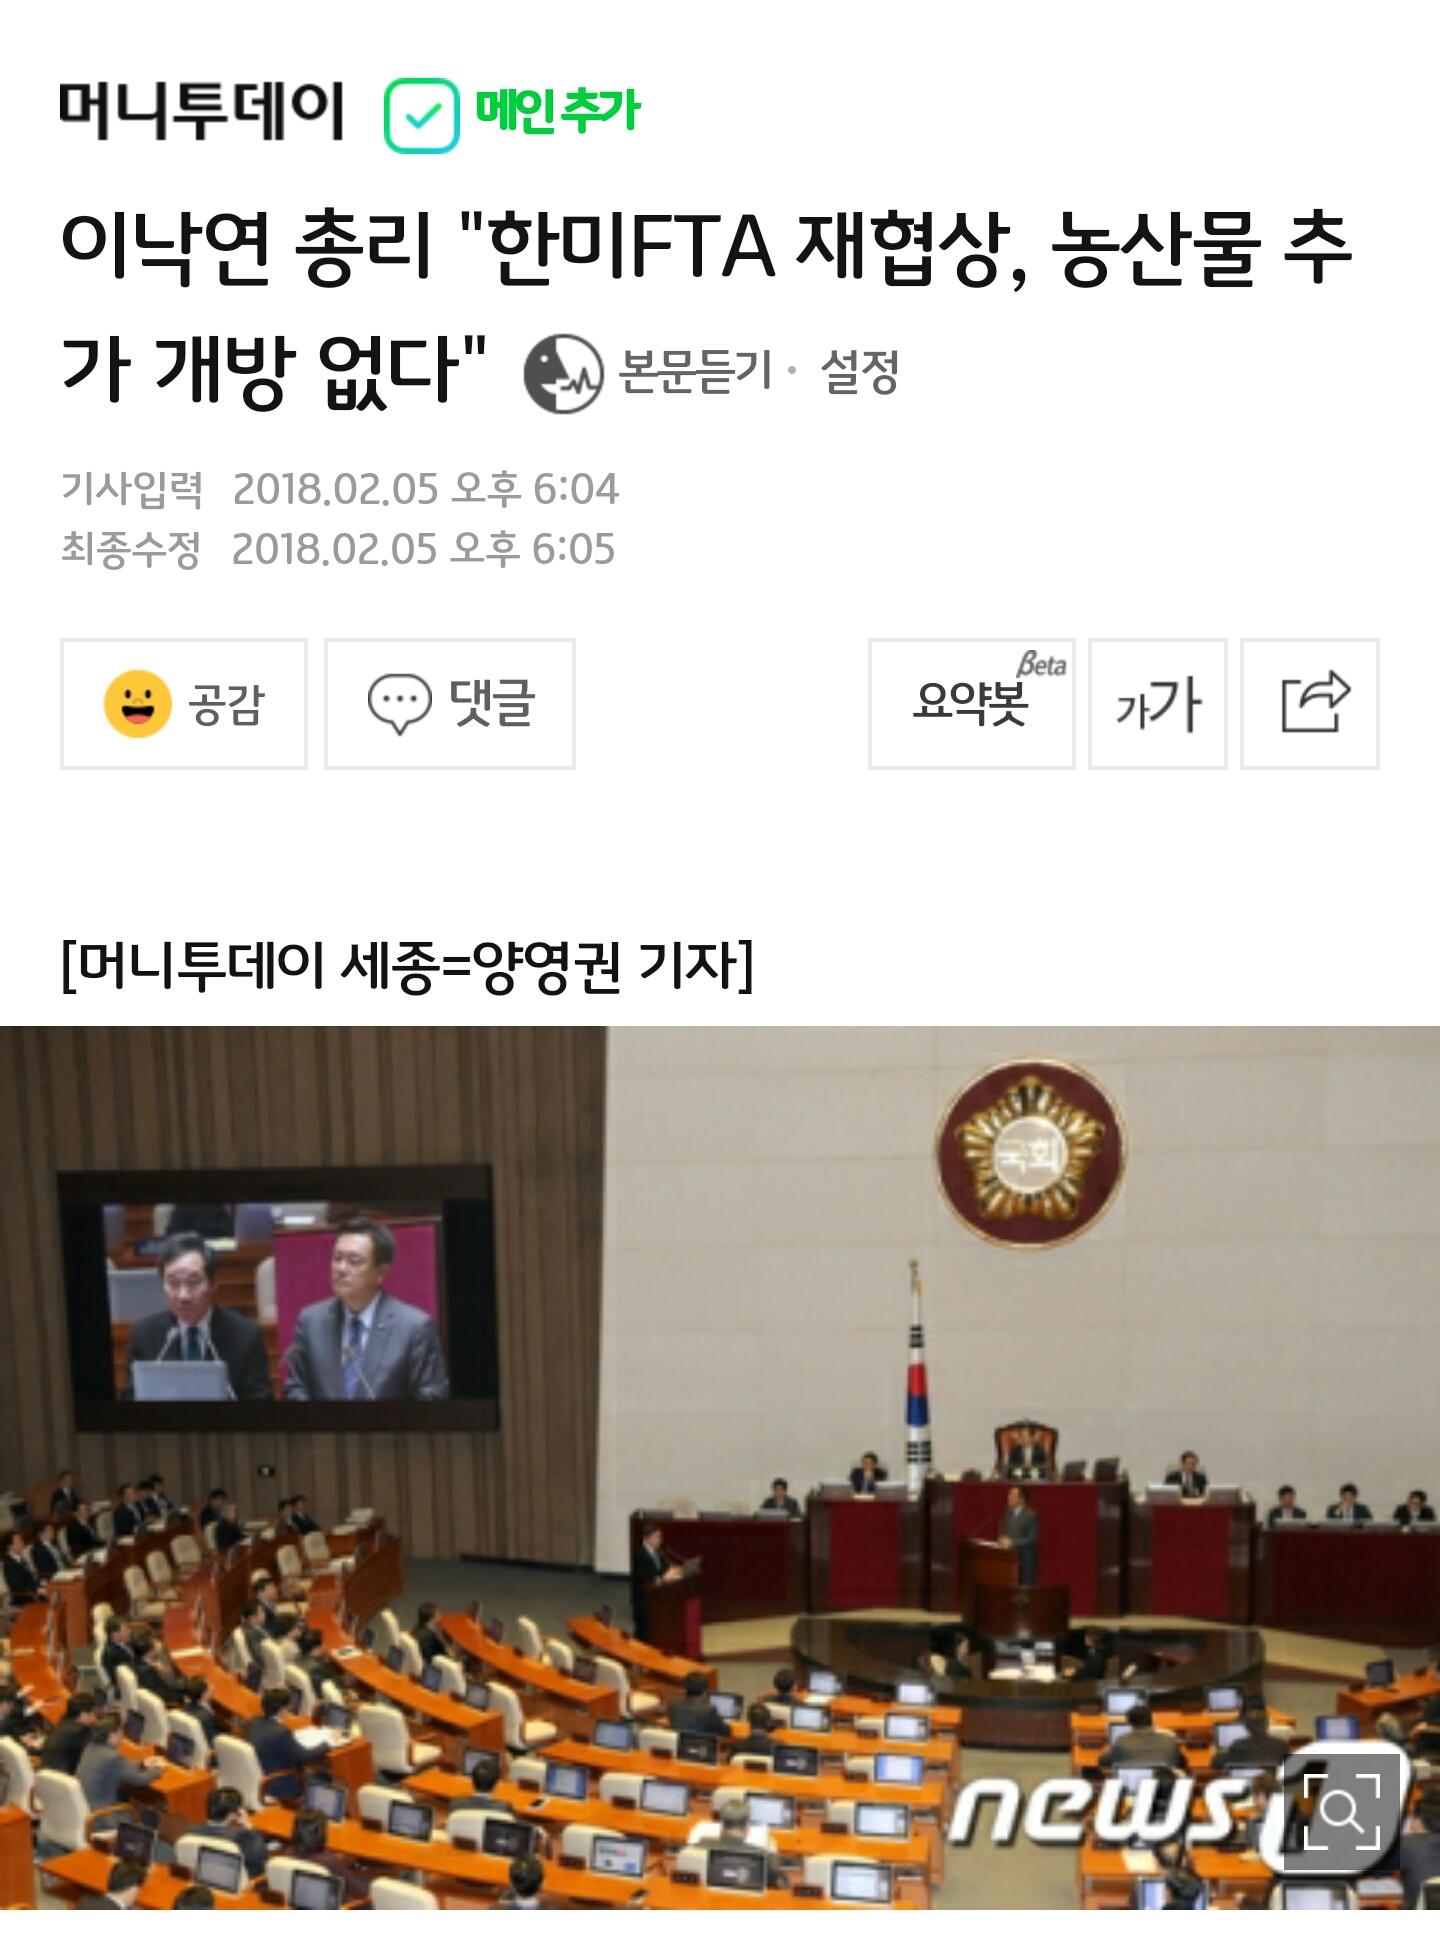 김정민 박사의 경고 1개가 현살화되다